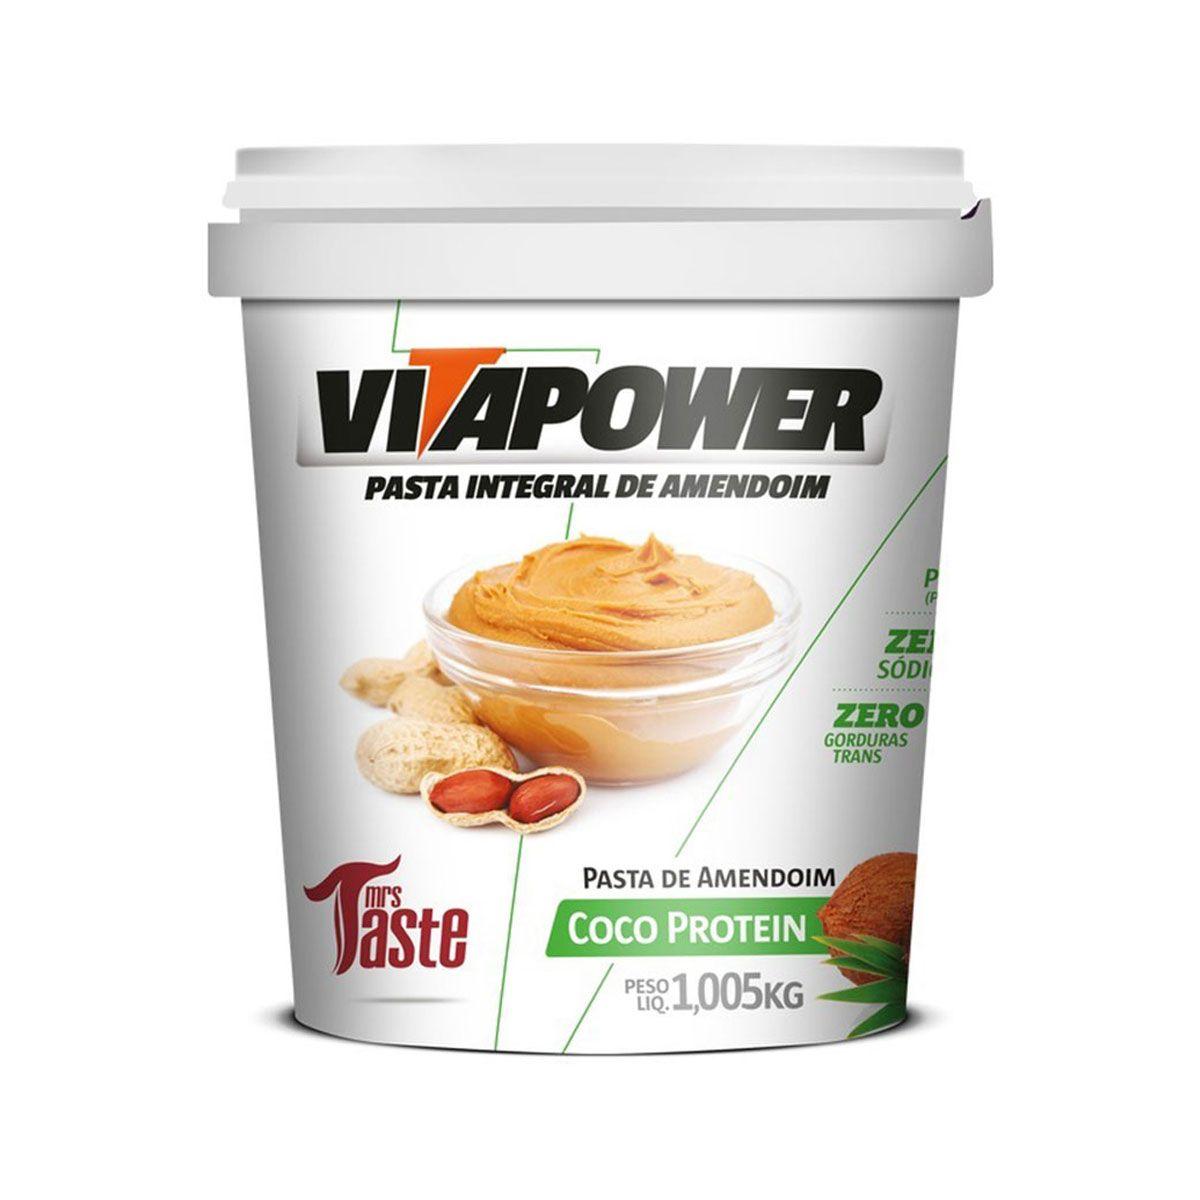 Pasta de Amendoim Coco Protein 1Kg - Vitapower